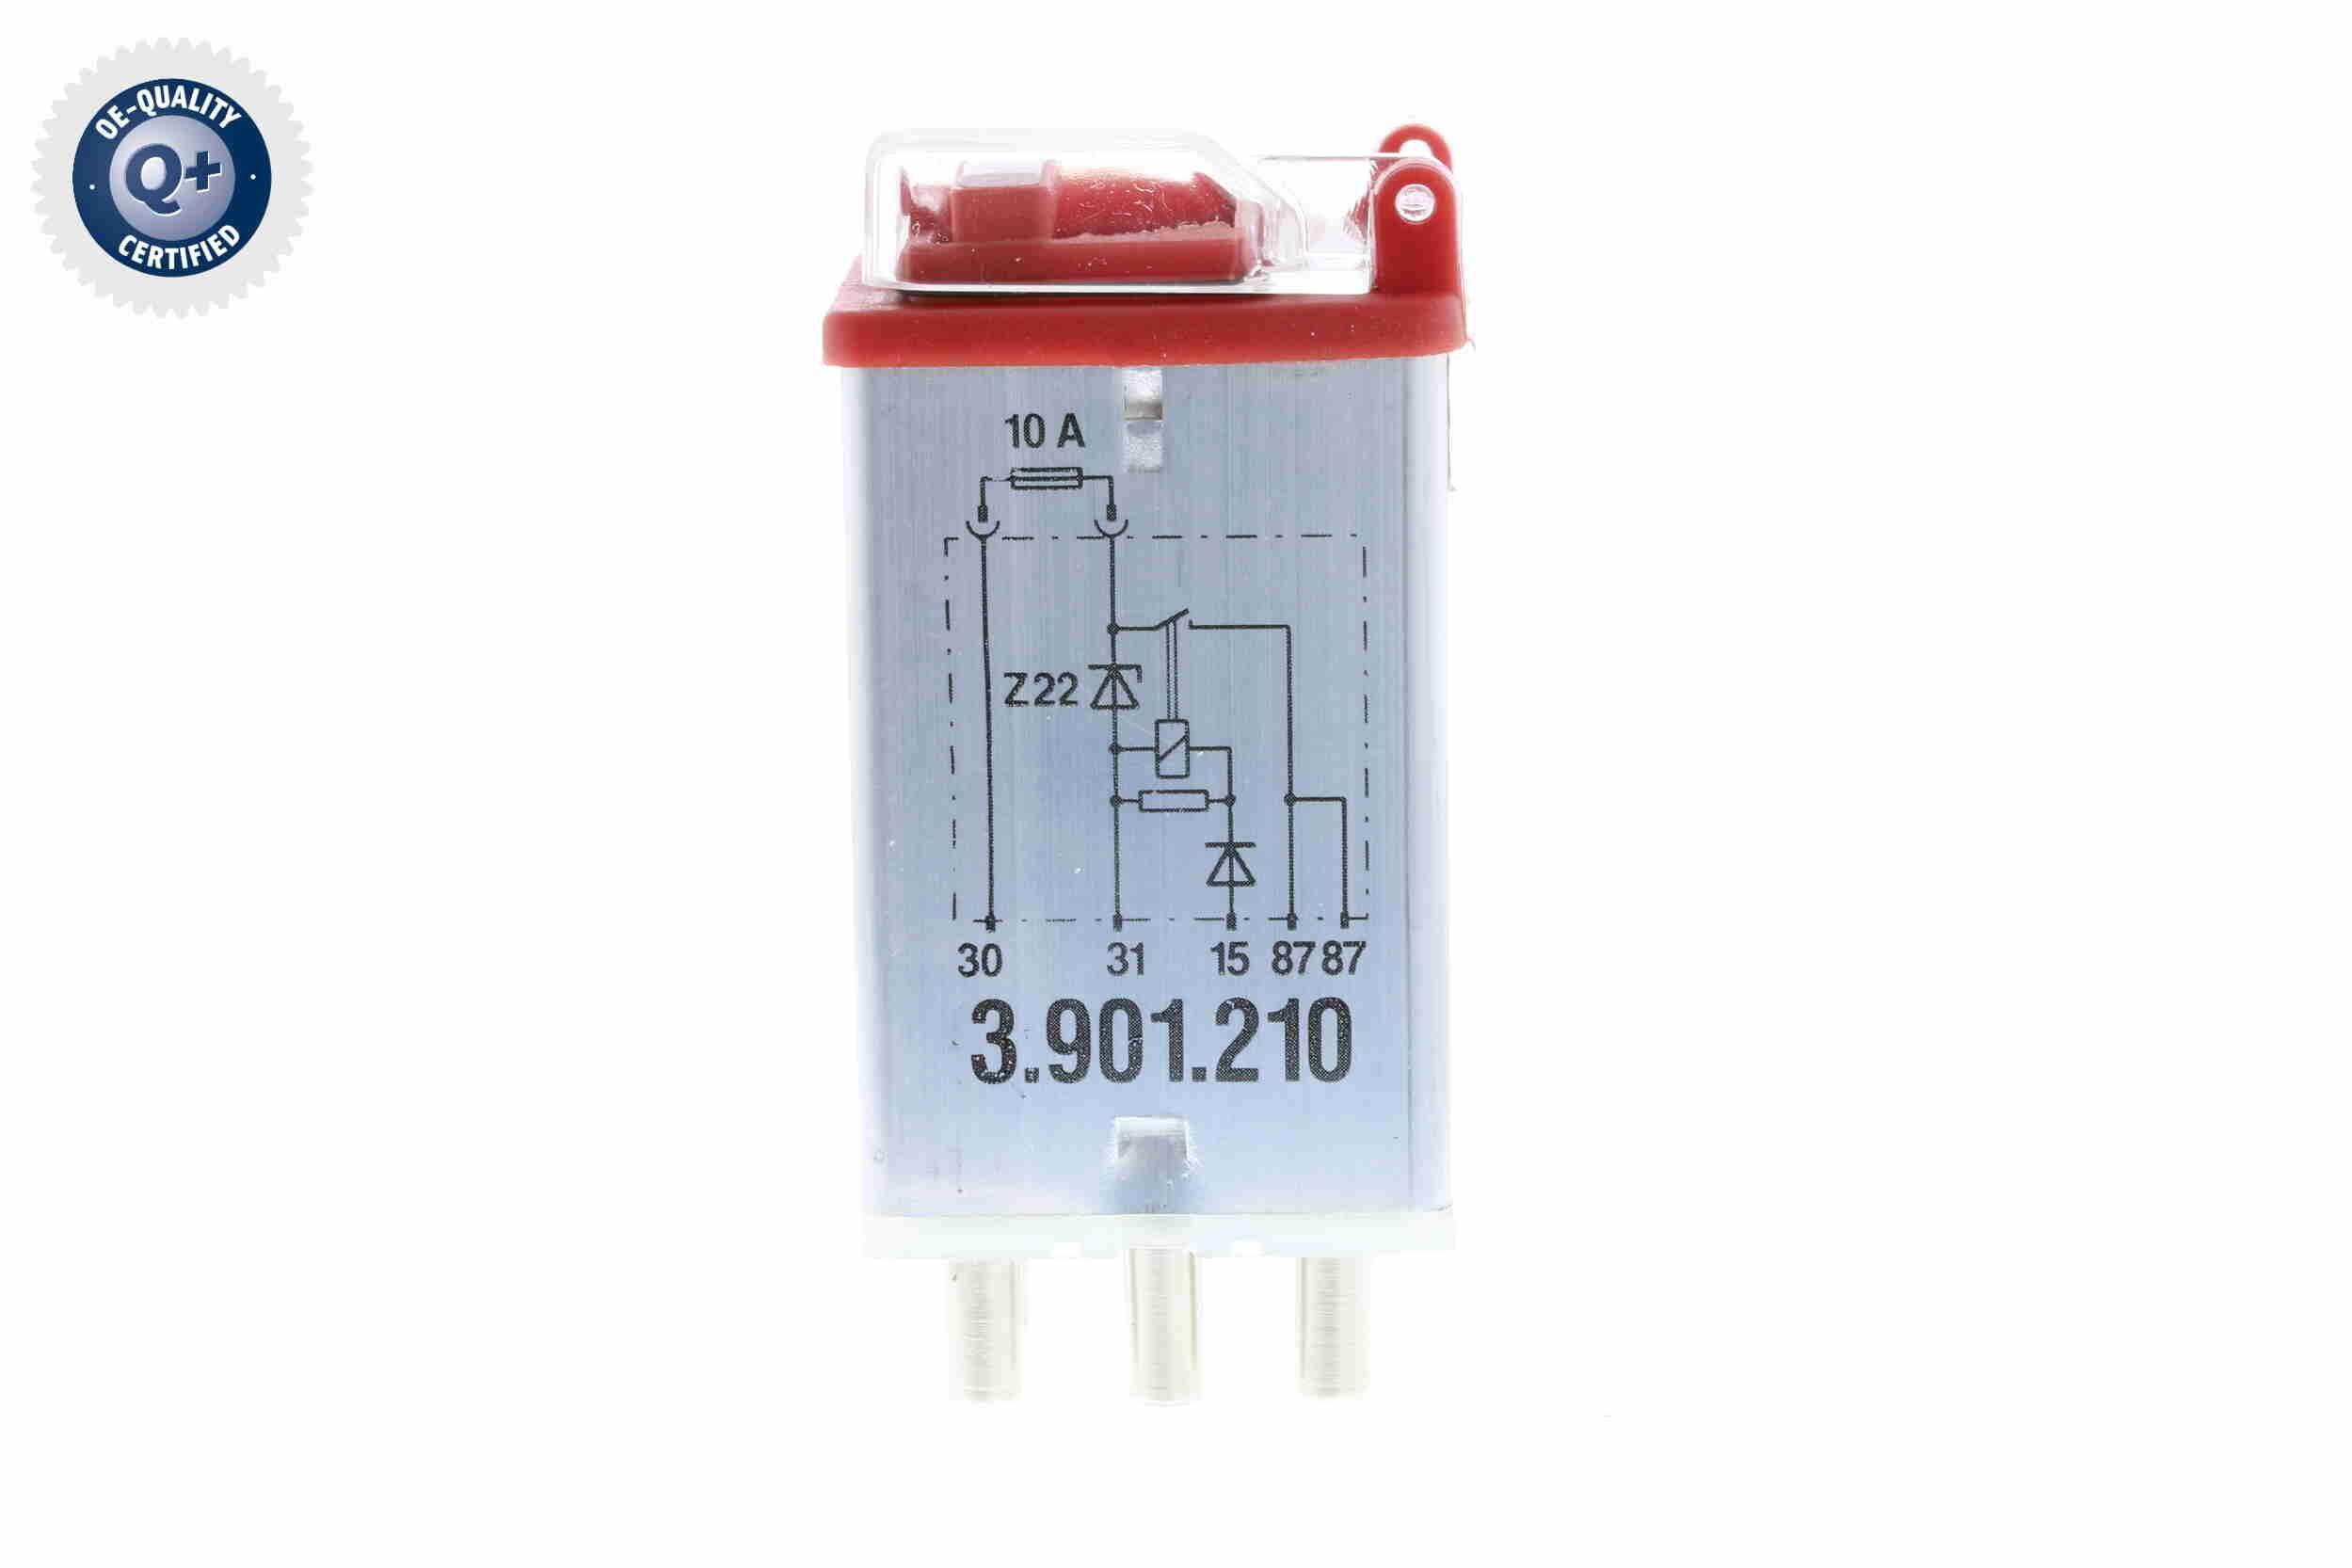 V30710012 Überspannungsschutzrelais, ABS VEMO V30-71-0012 - Große Auswahl - stark reduziert